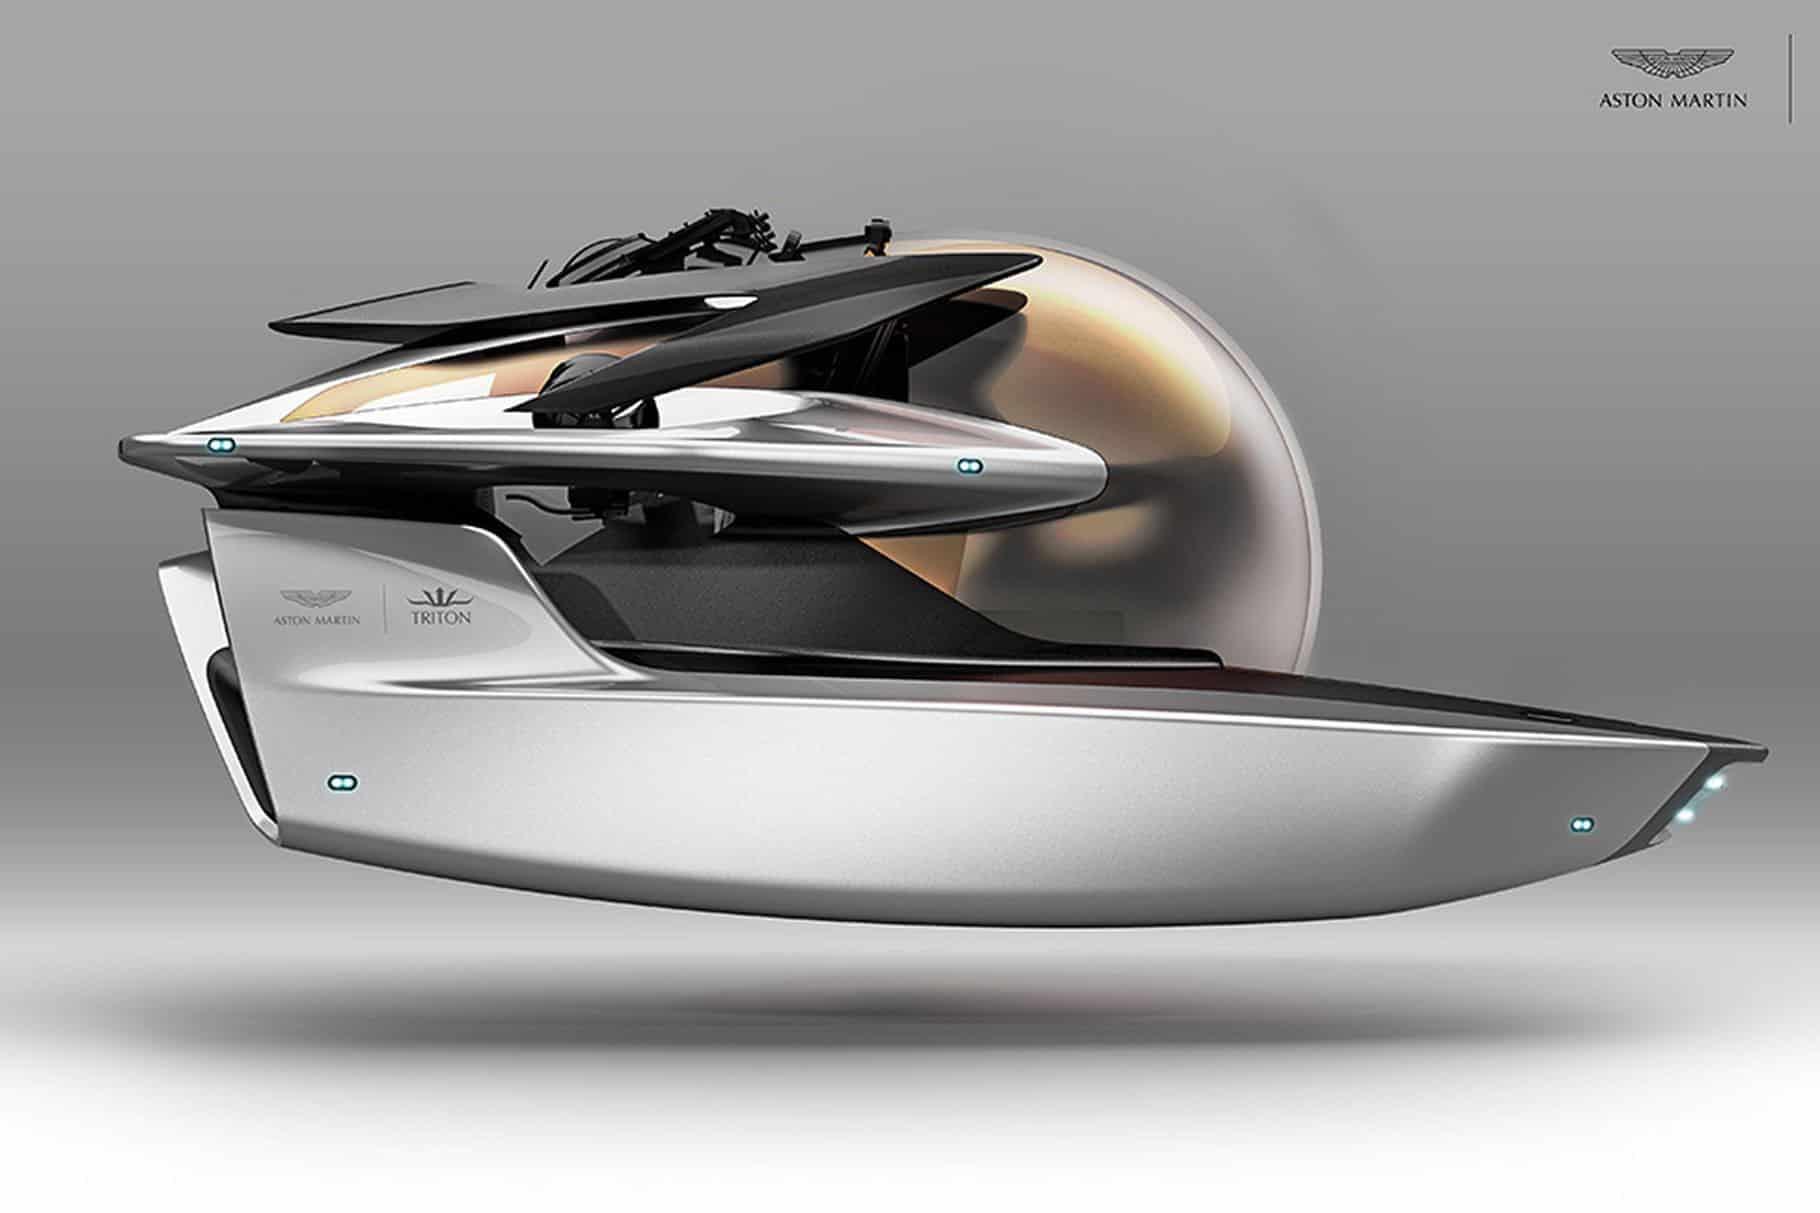 La línea de yates de lujo de Aston Martin ahora incluye un submarino para 3 personas de $4 millones